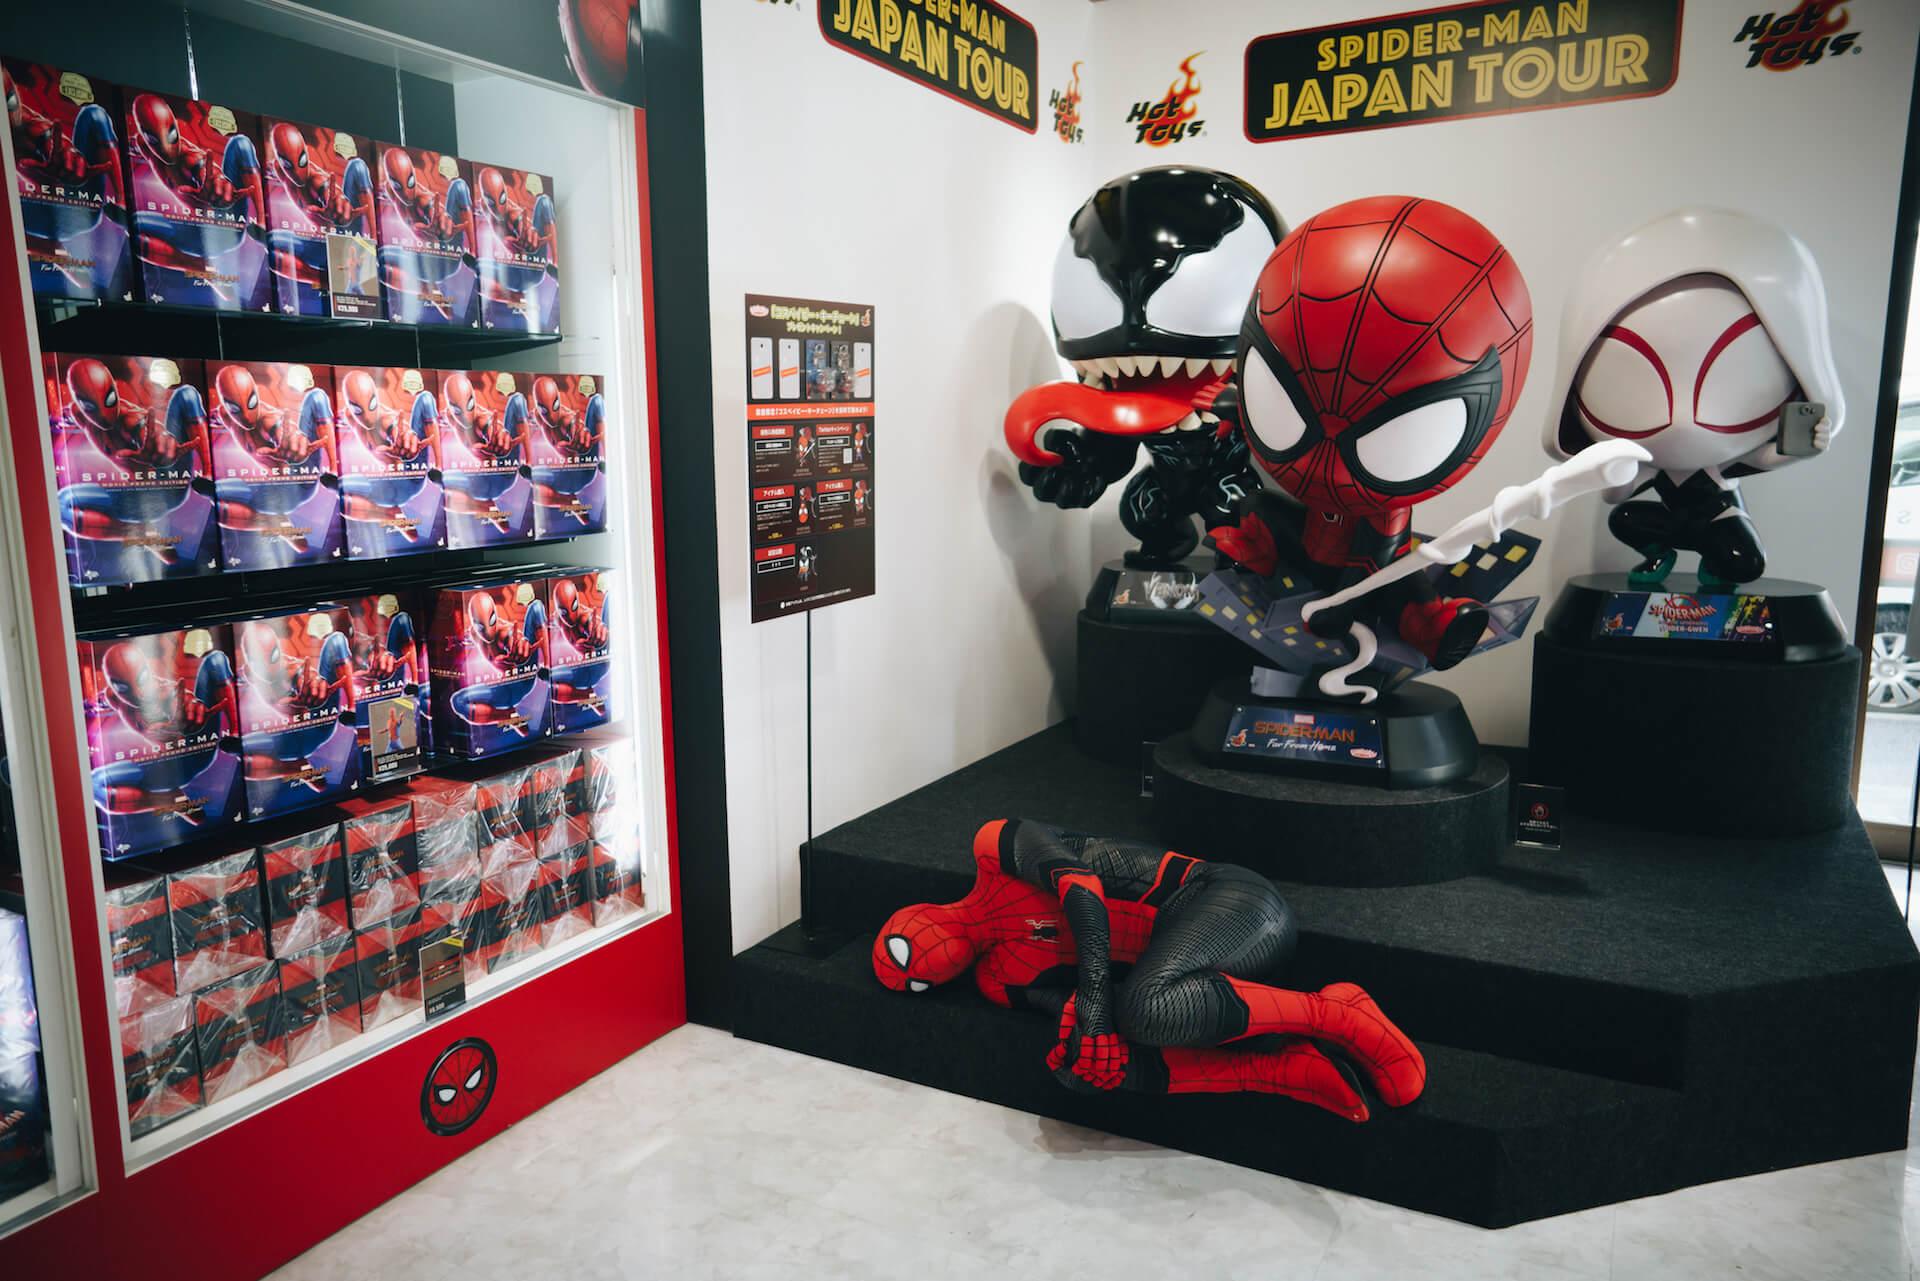 スパイダーマン好きなら目ギラギラ大興奮必至の期間限定ショップ探訪 art-culture-spiderman-store-report-10